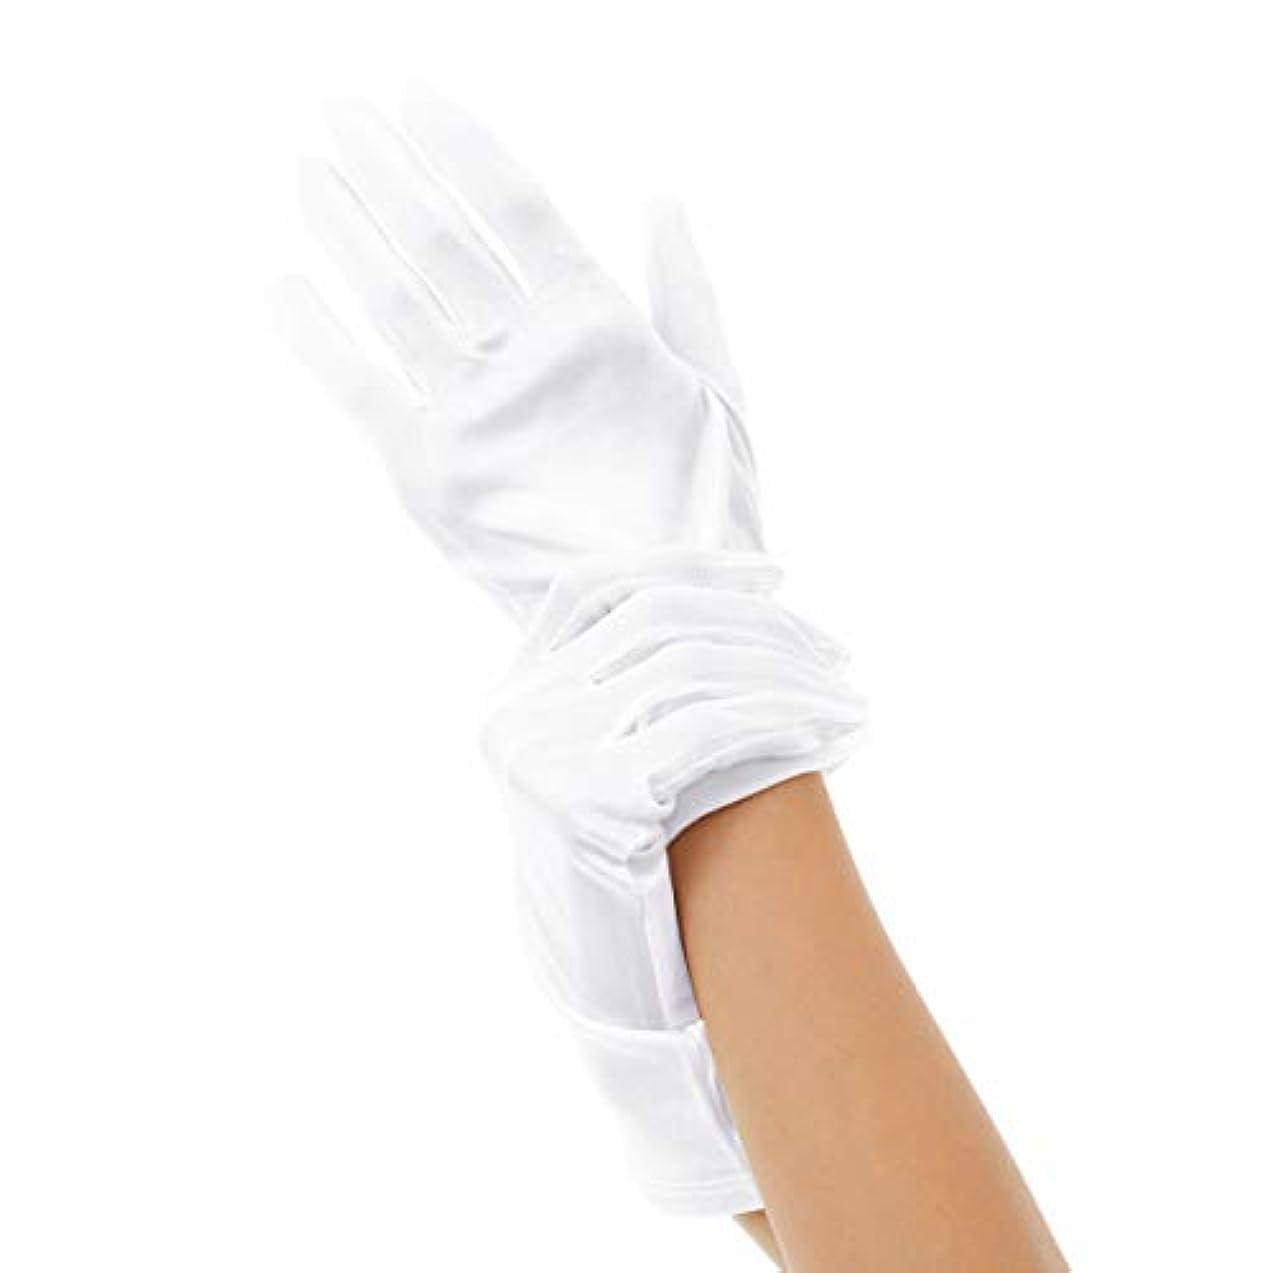 フルーティー結核ログSilk 100% ハンドケア シルク 手袋 手首ゆるゆる おやすみ スキンケア グローブ 薄手のスムース素材 外出時の UV対策 や インナーグローブ にも最適 うるおい 保湿 ひび あかぎれ 保護 (L, ホワイト)